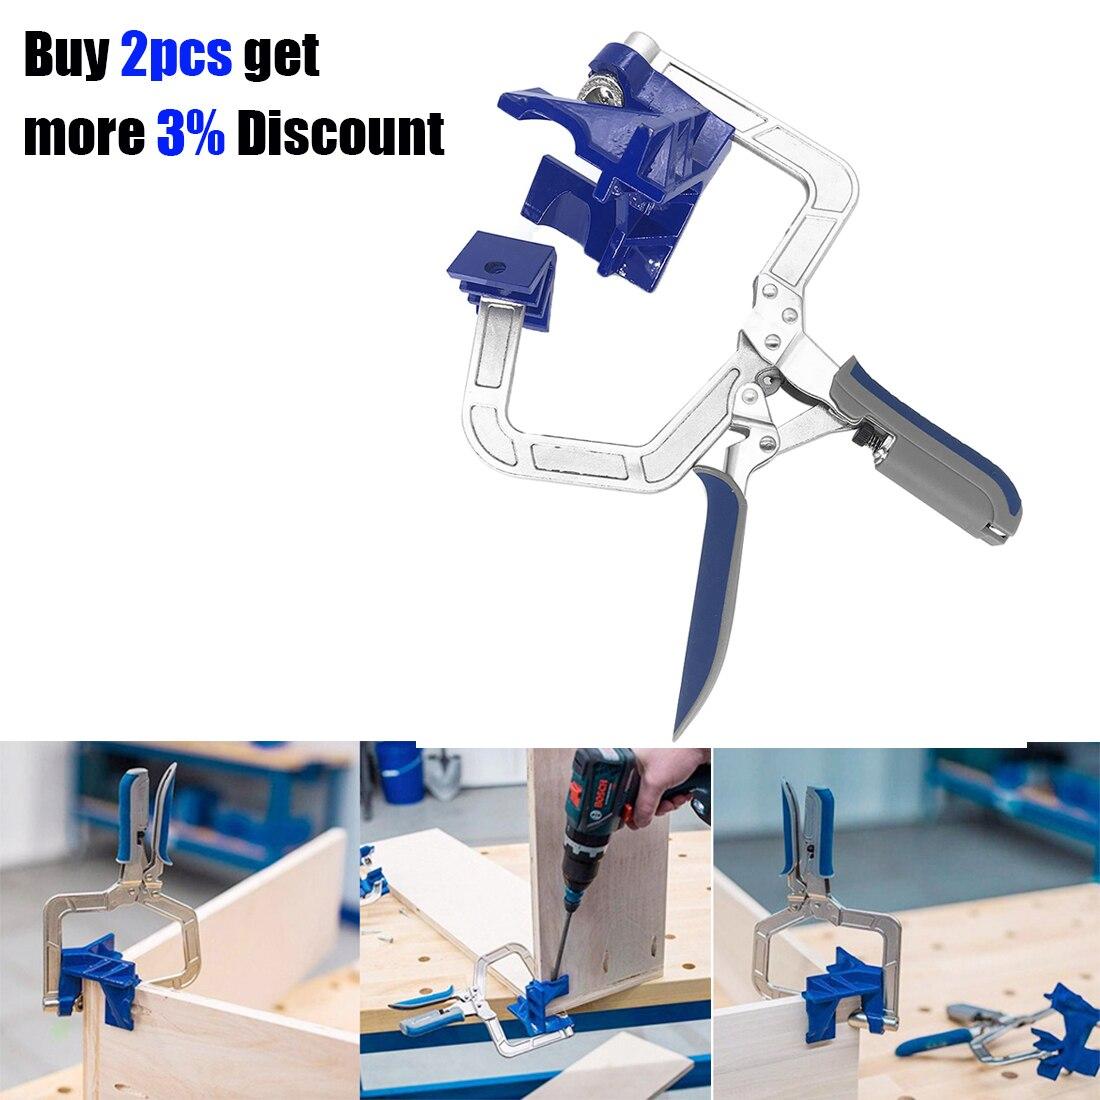 90 degrés à Angle droit pince à bois cadre photo coin pince rapide fixe coin support outils de travail du bois outil à main